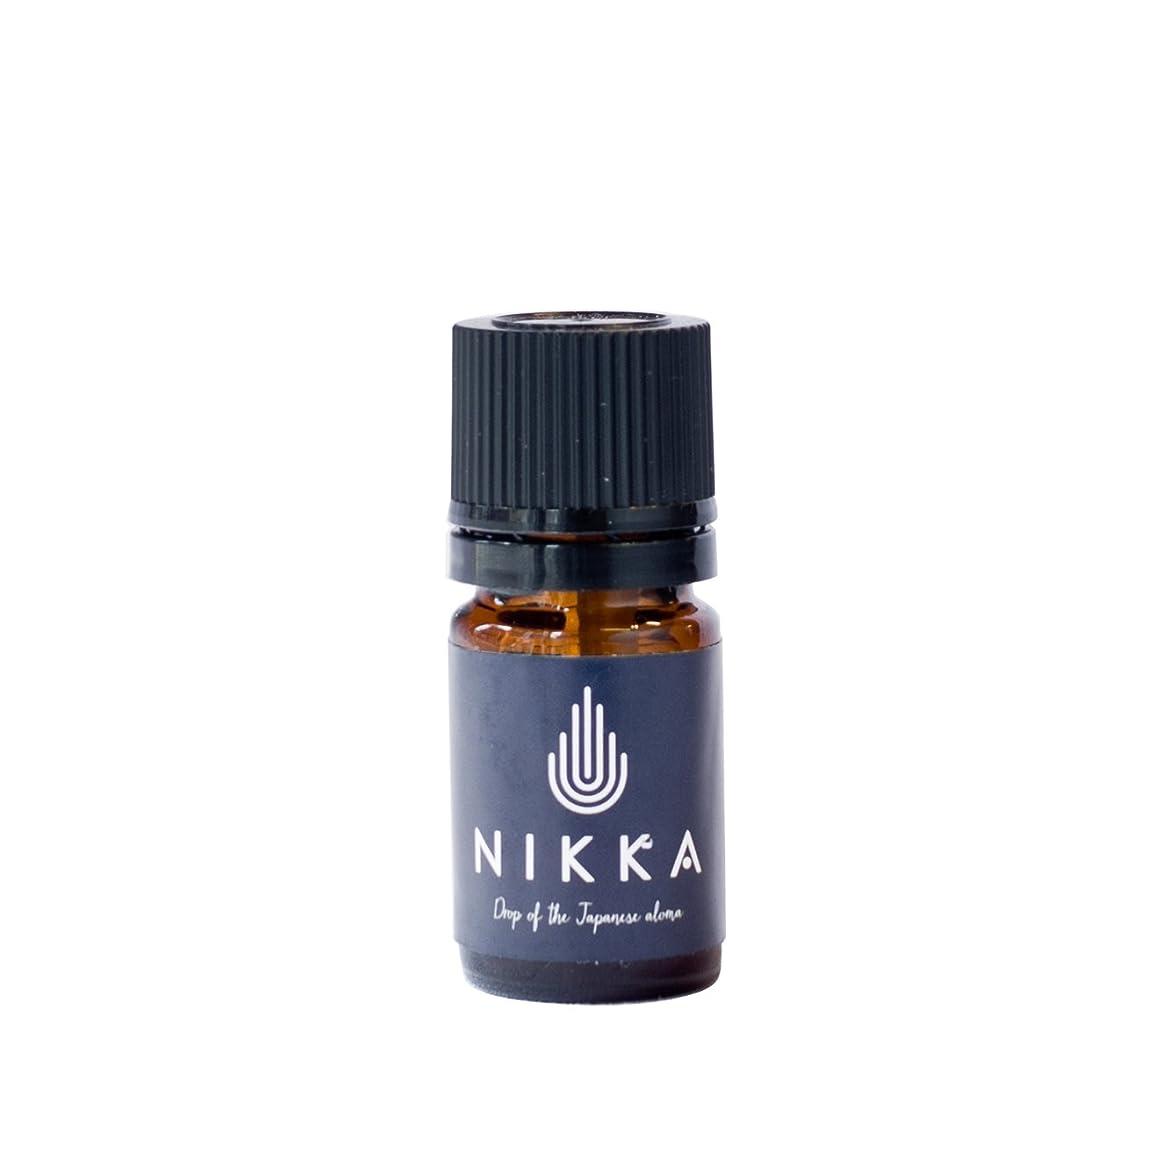 異常レシピ高いNIKKA エッセンシャルオイル 薄荷 5ml